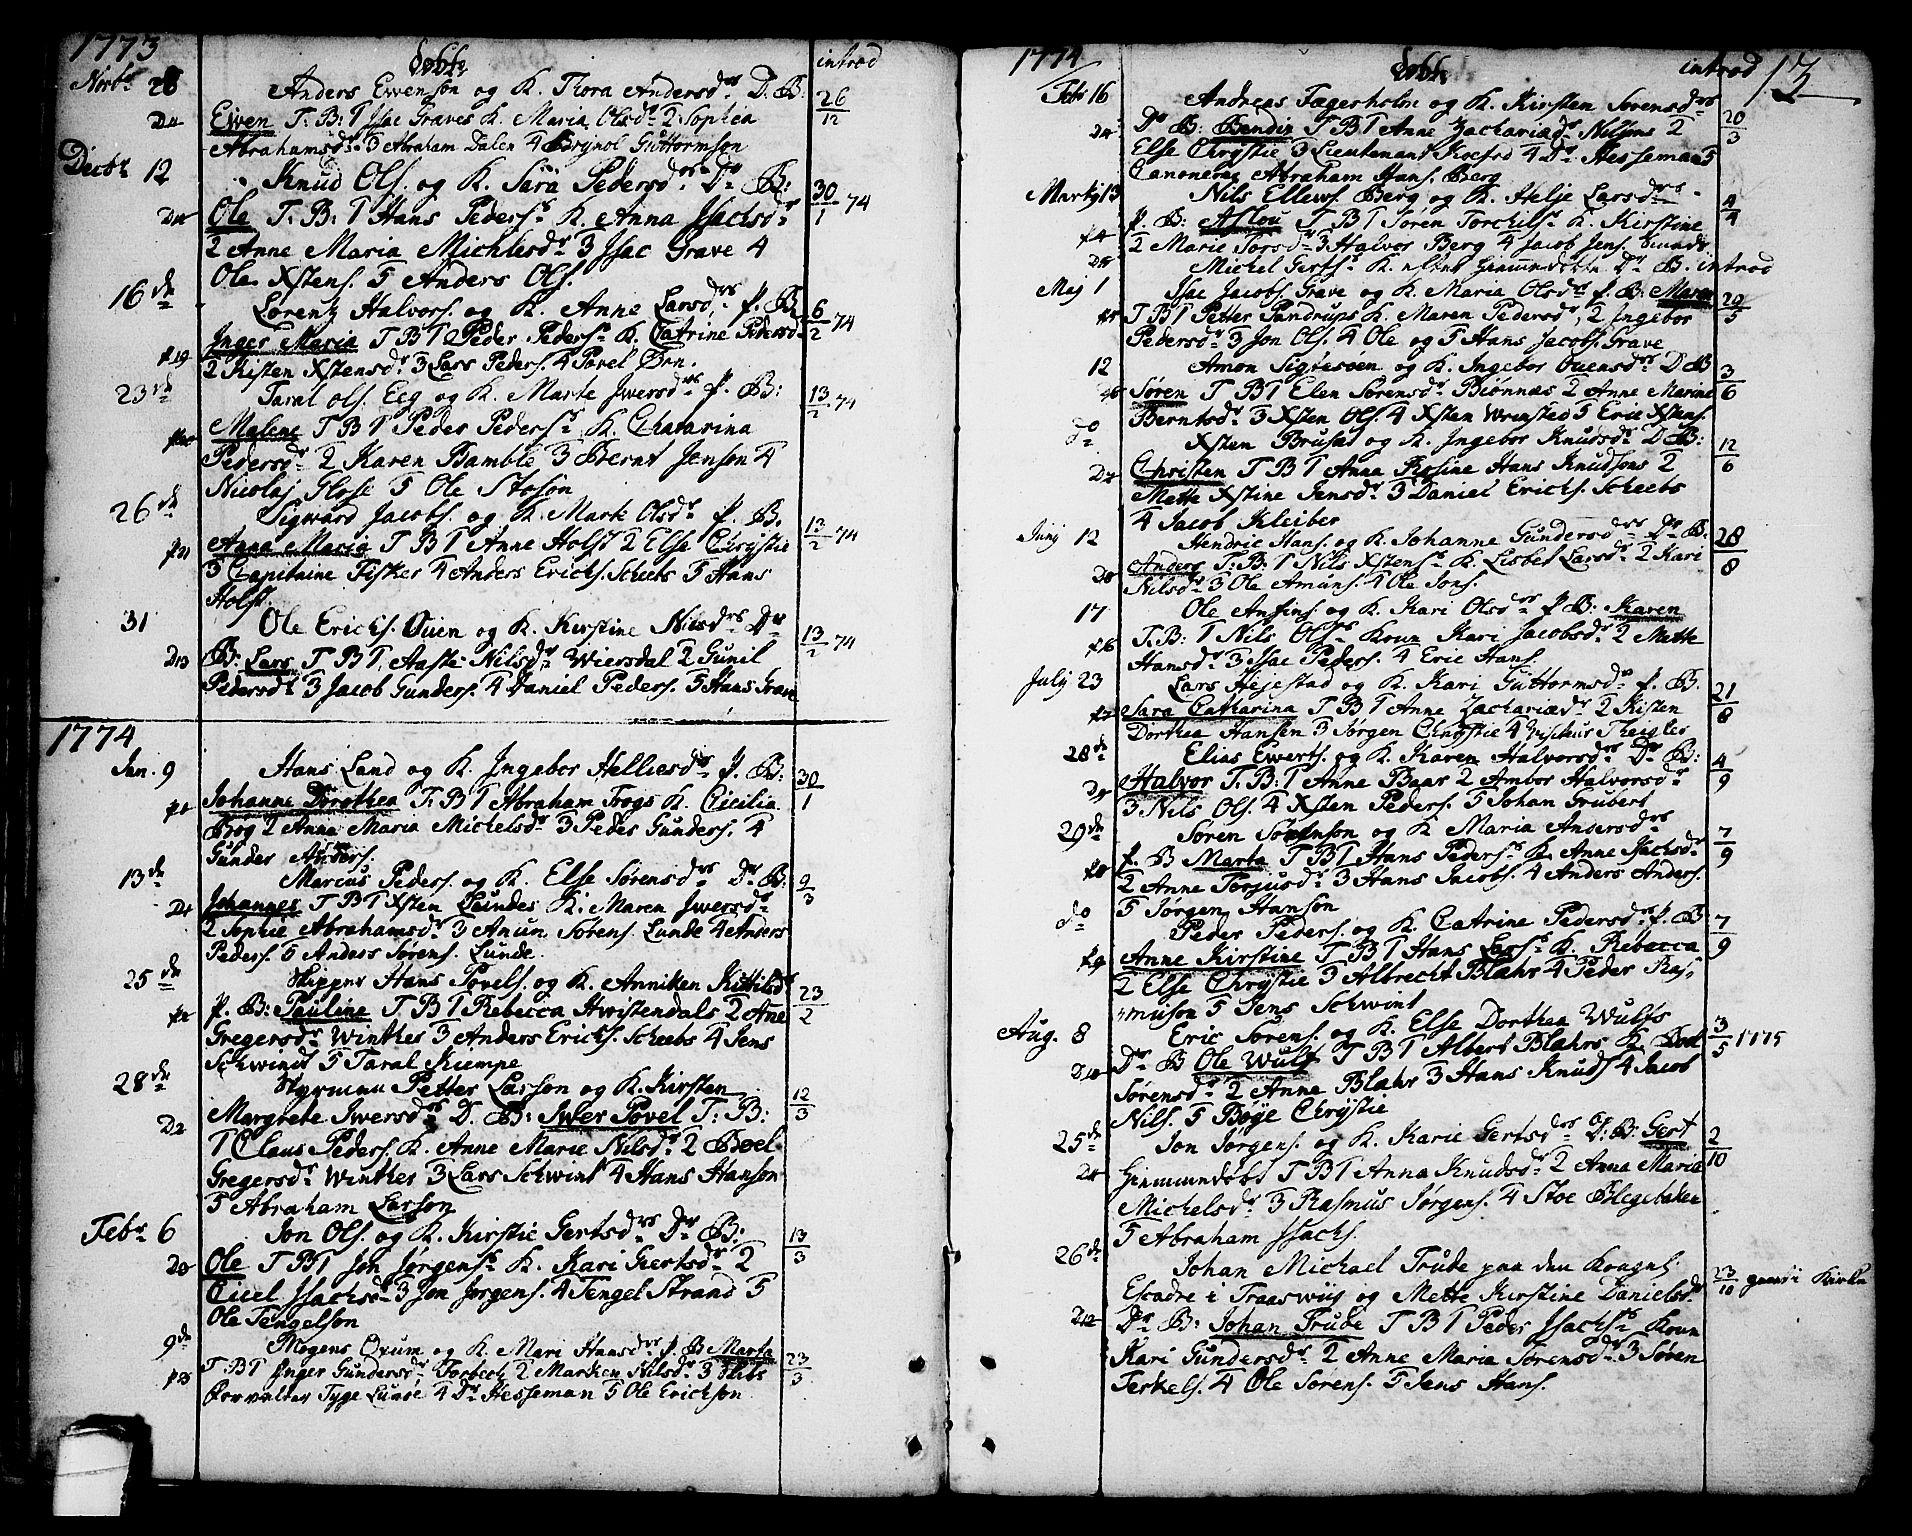 SAKO, Brevik kirkebøker, F/Fa/L0003: Ministerialbok nr. 3, 1764-1814, s. 13